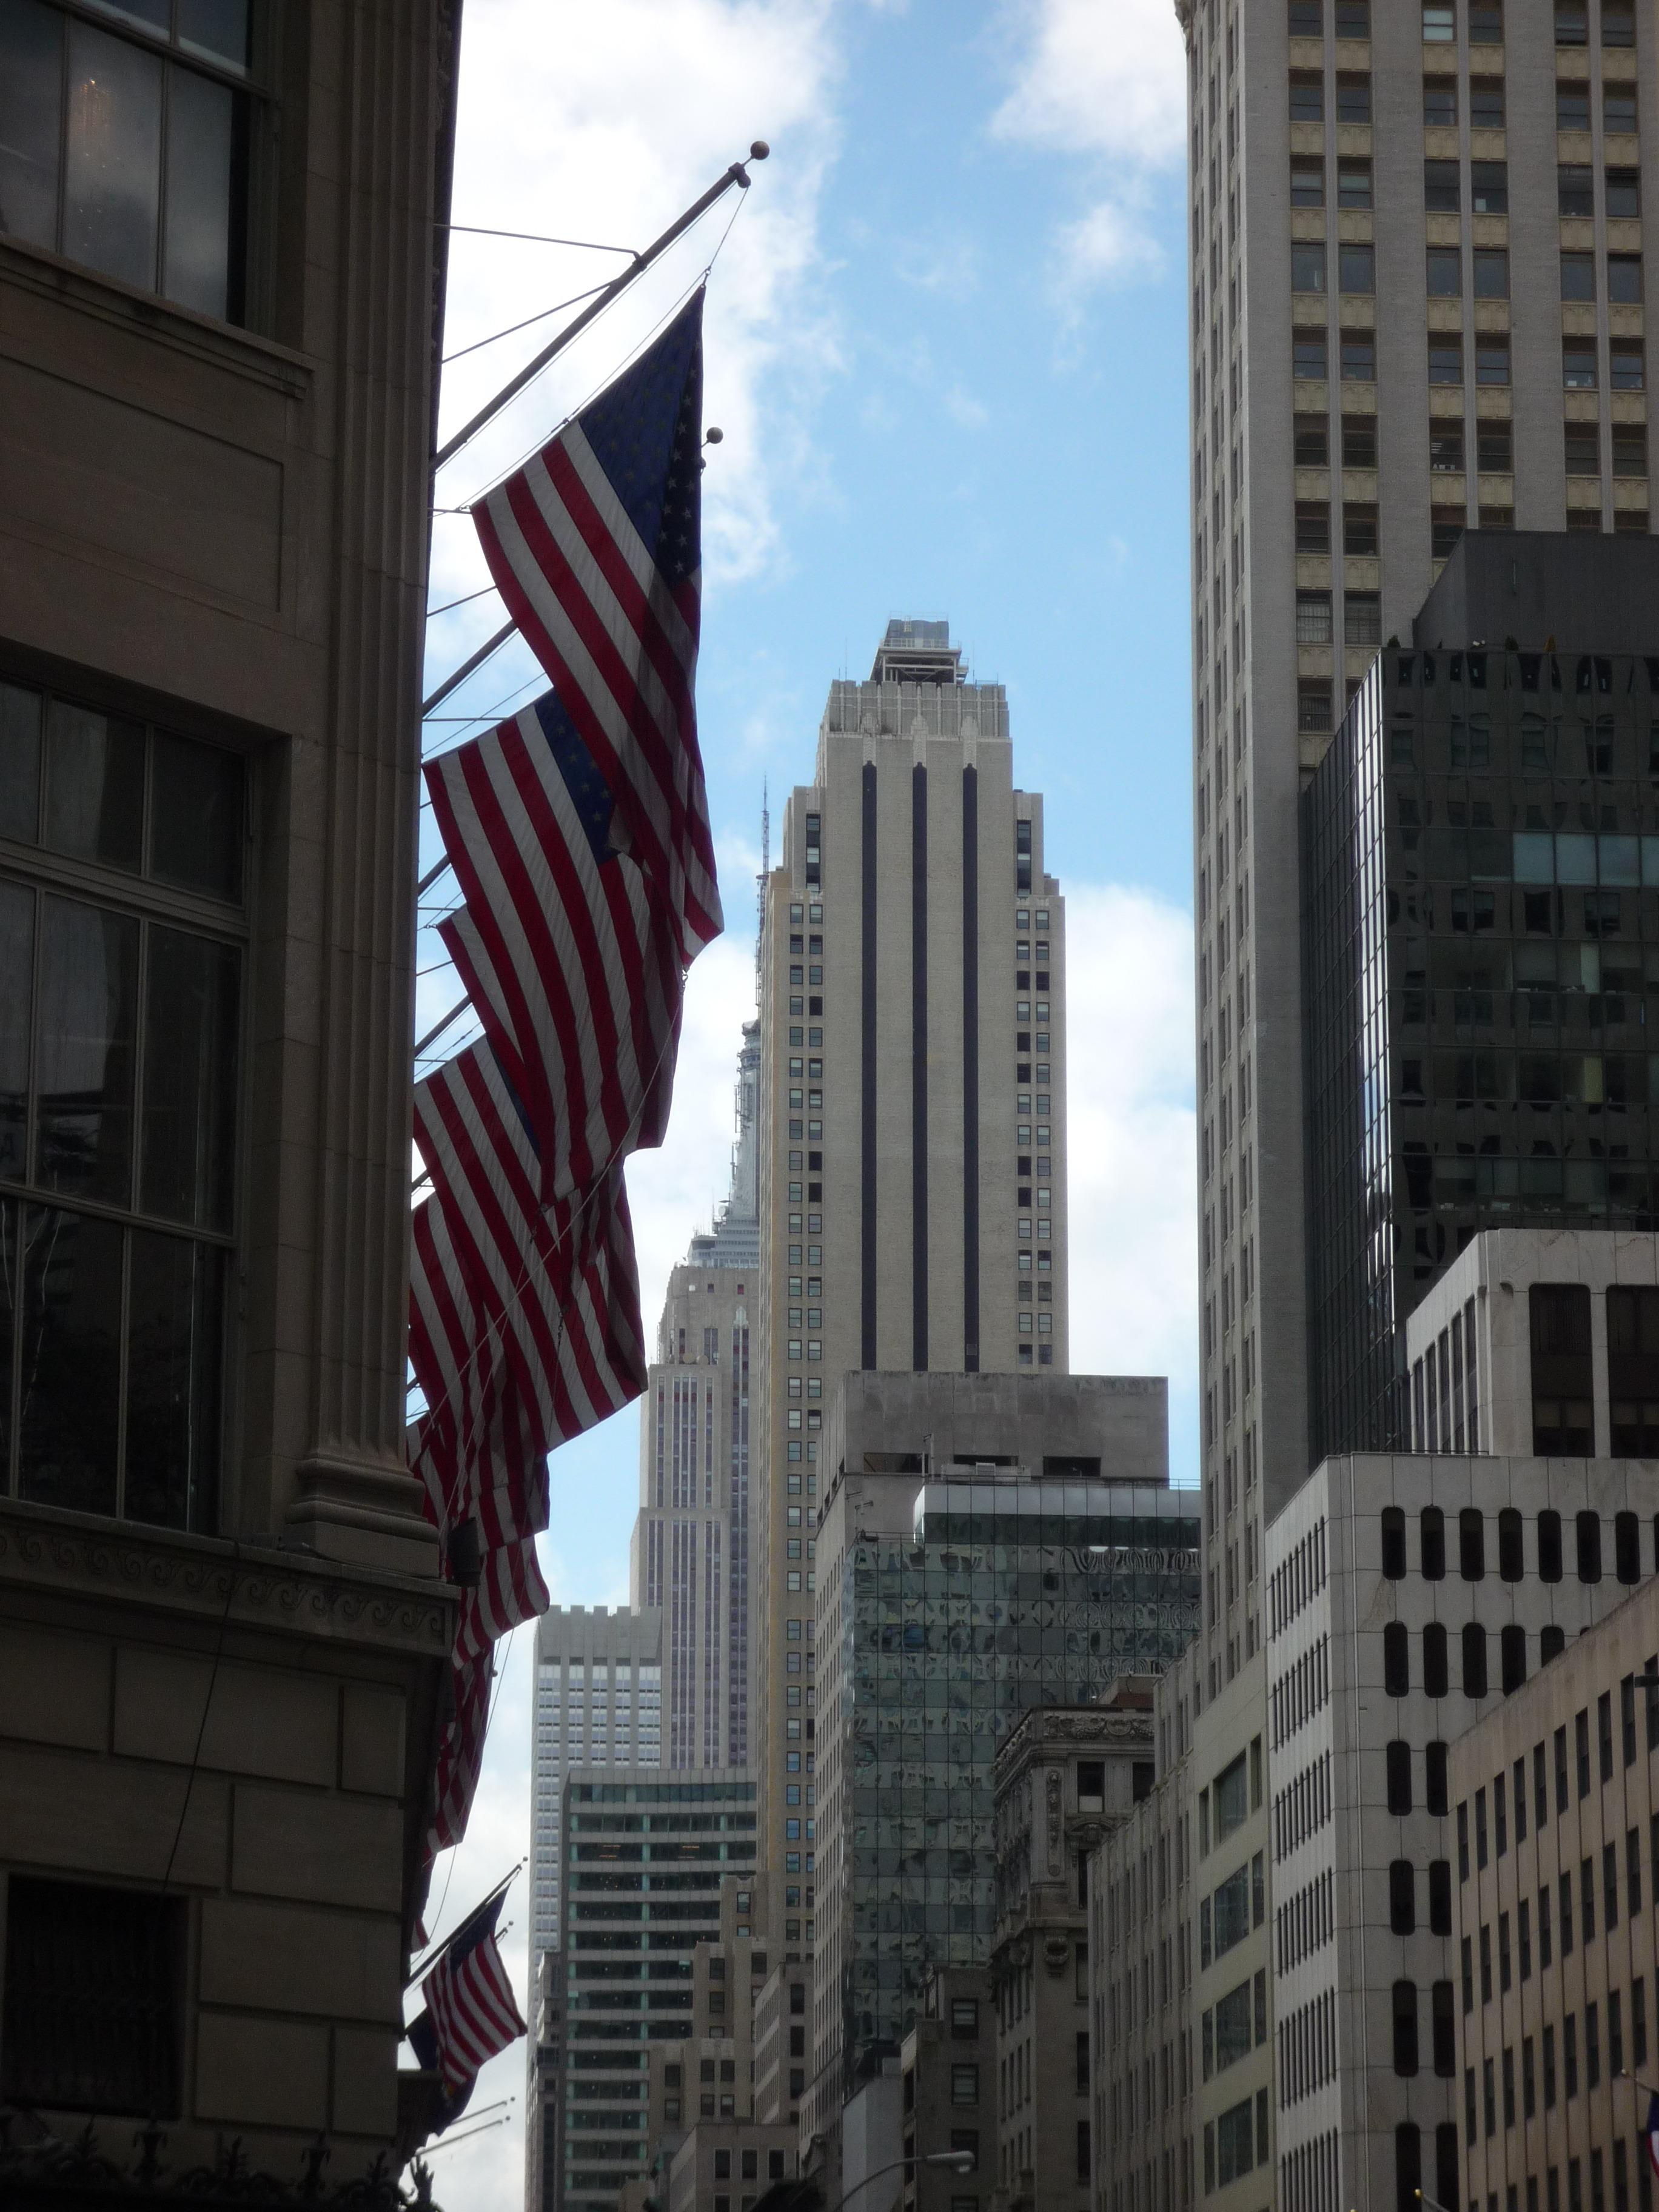 Immagini belle architettura strada orizzonte citt for New york architettura